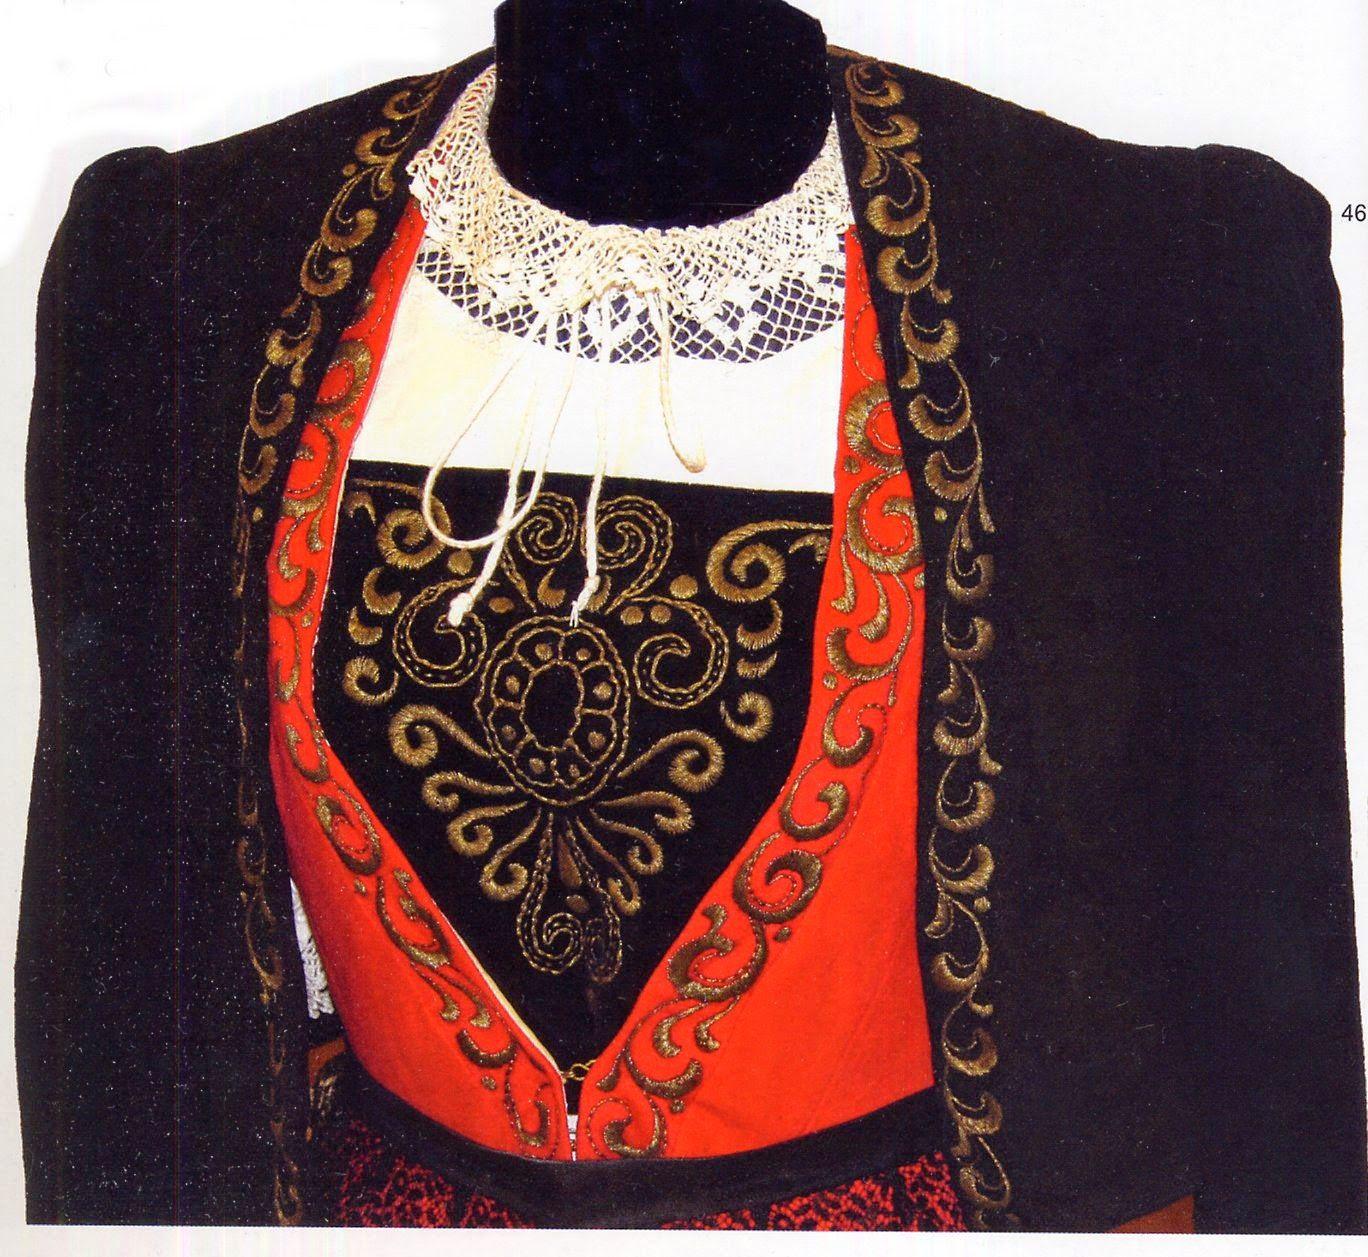 Gressoney-La-Trinité  (Valle d'Aosta) - Costumi Walser, particolare del ricamo